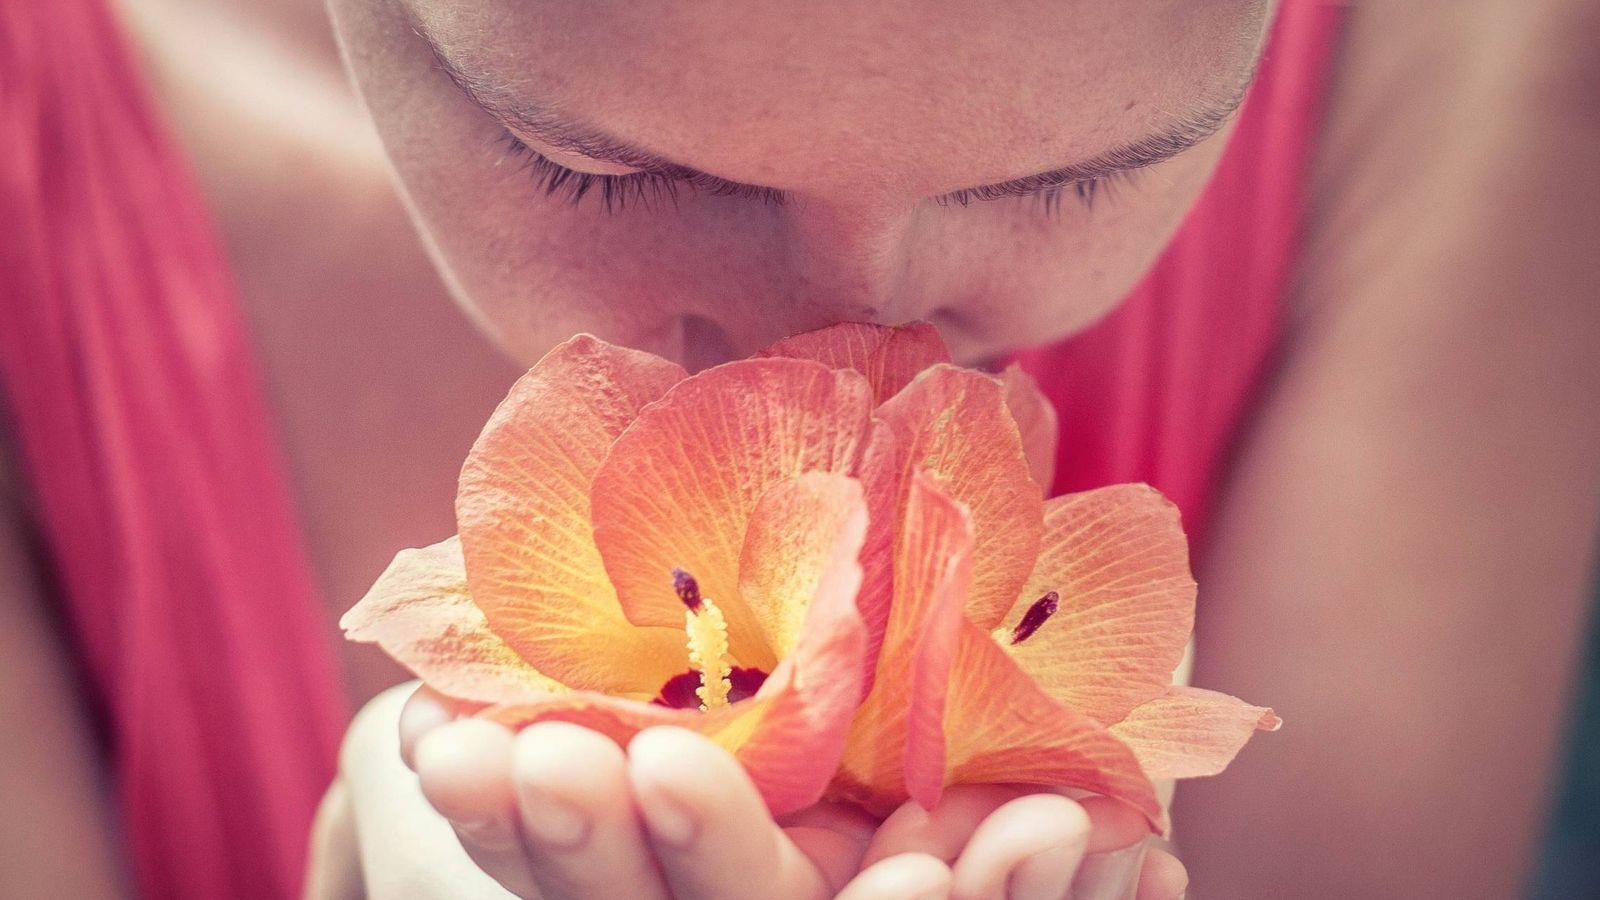 Foto: Los aceites y aguas actúan de forma natural sobre tu piel. (Ruslan Zh para Unsplash)